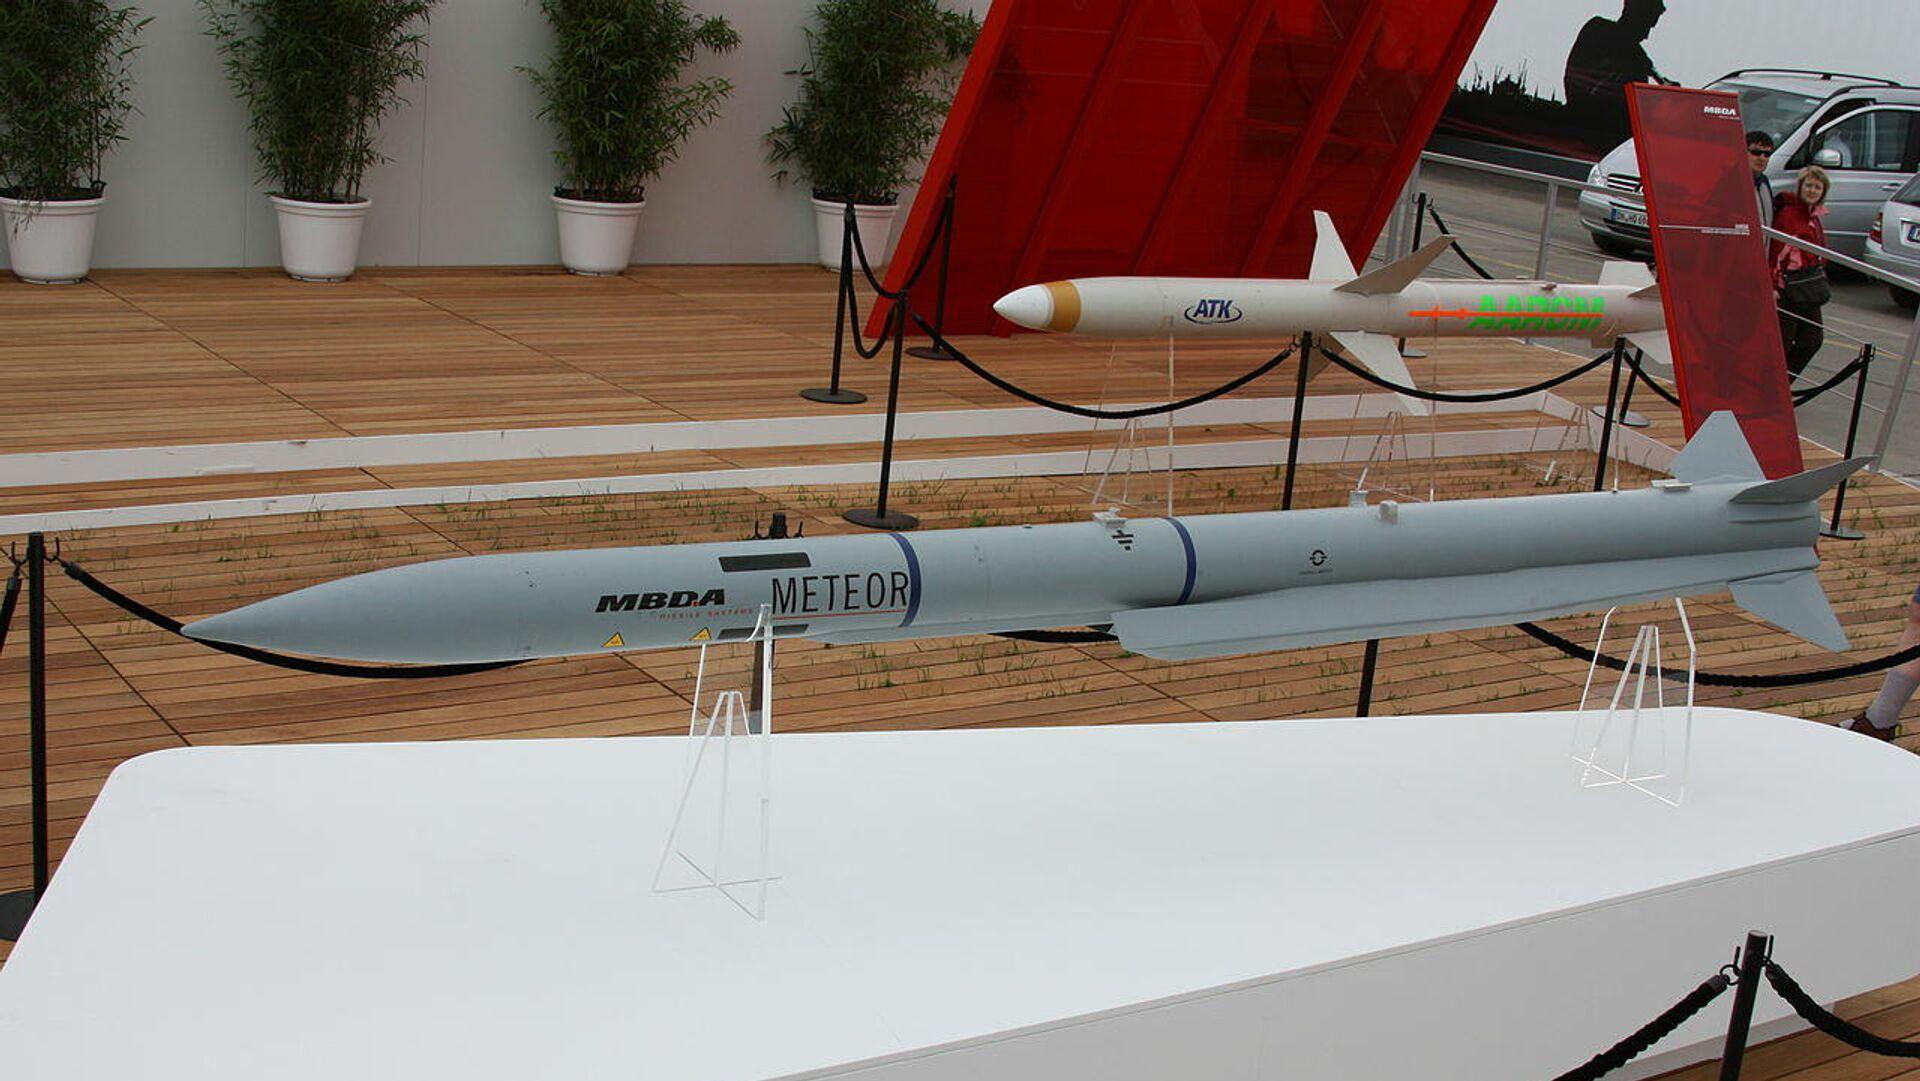 Misil aire-aire 'Meteor' - Sputnik Mundo, 1920, 03.07.2021